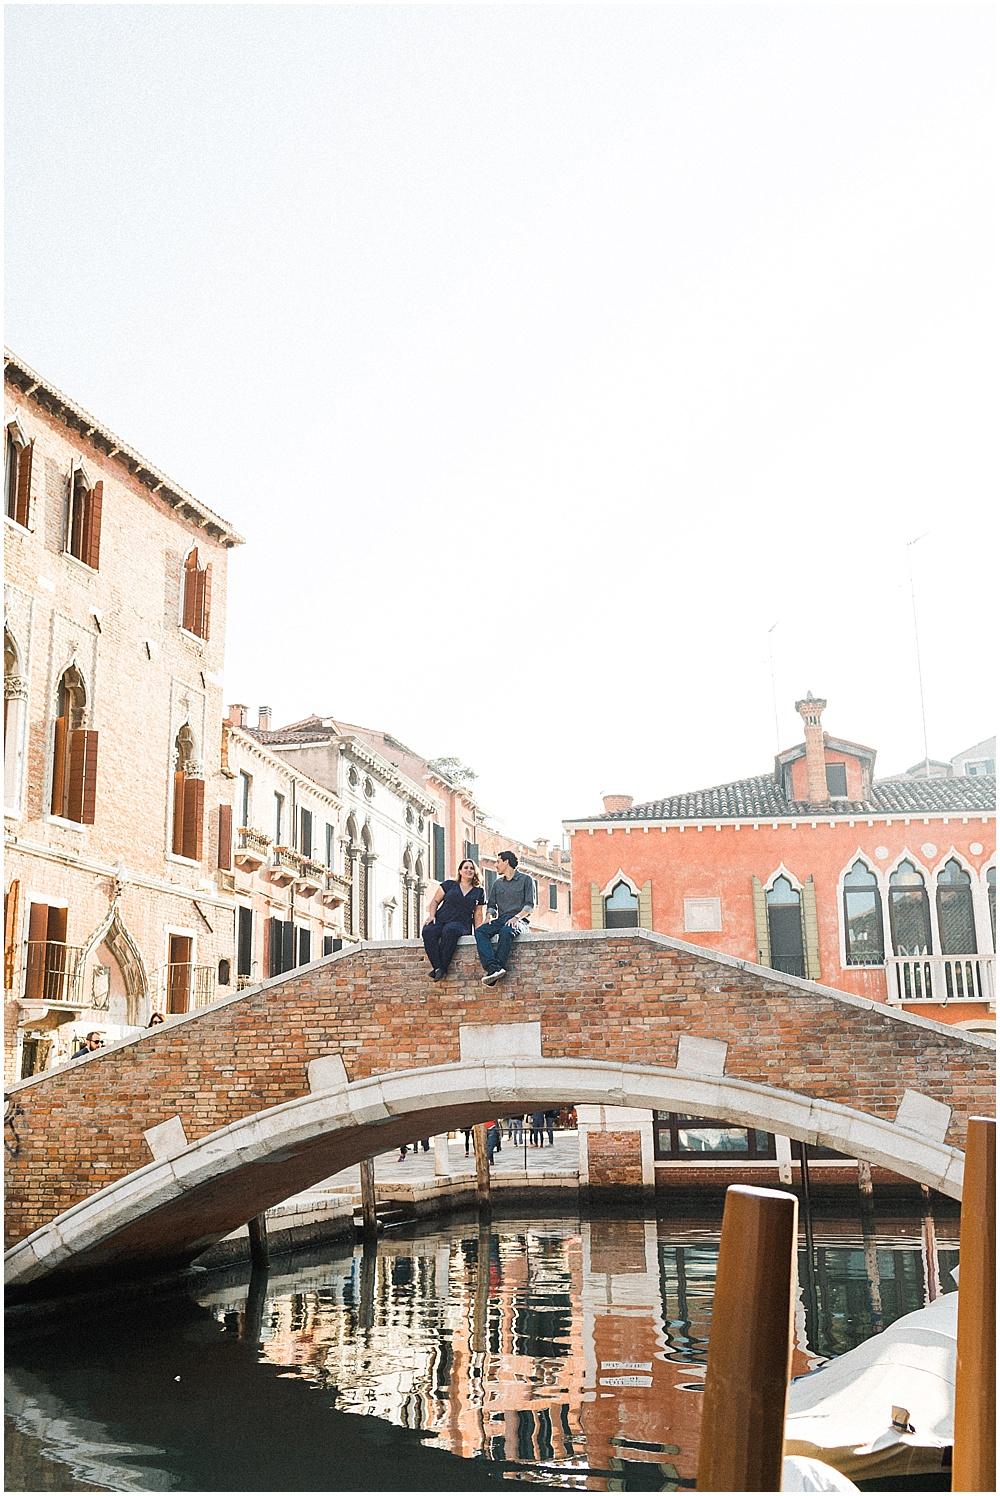 Venice-italy-wedding-photographer-stefano-degirmenci_0425.jpg